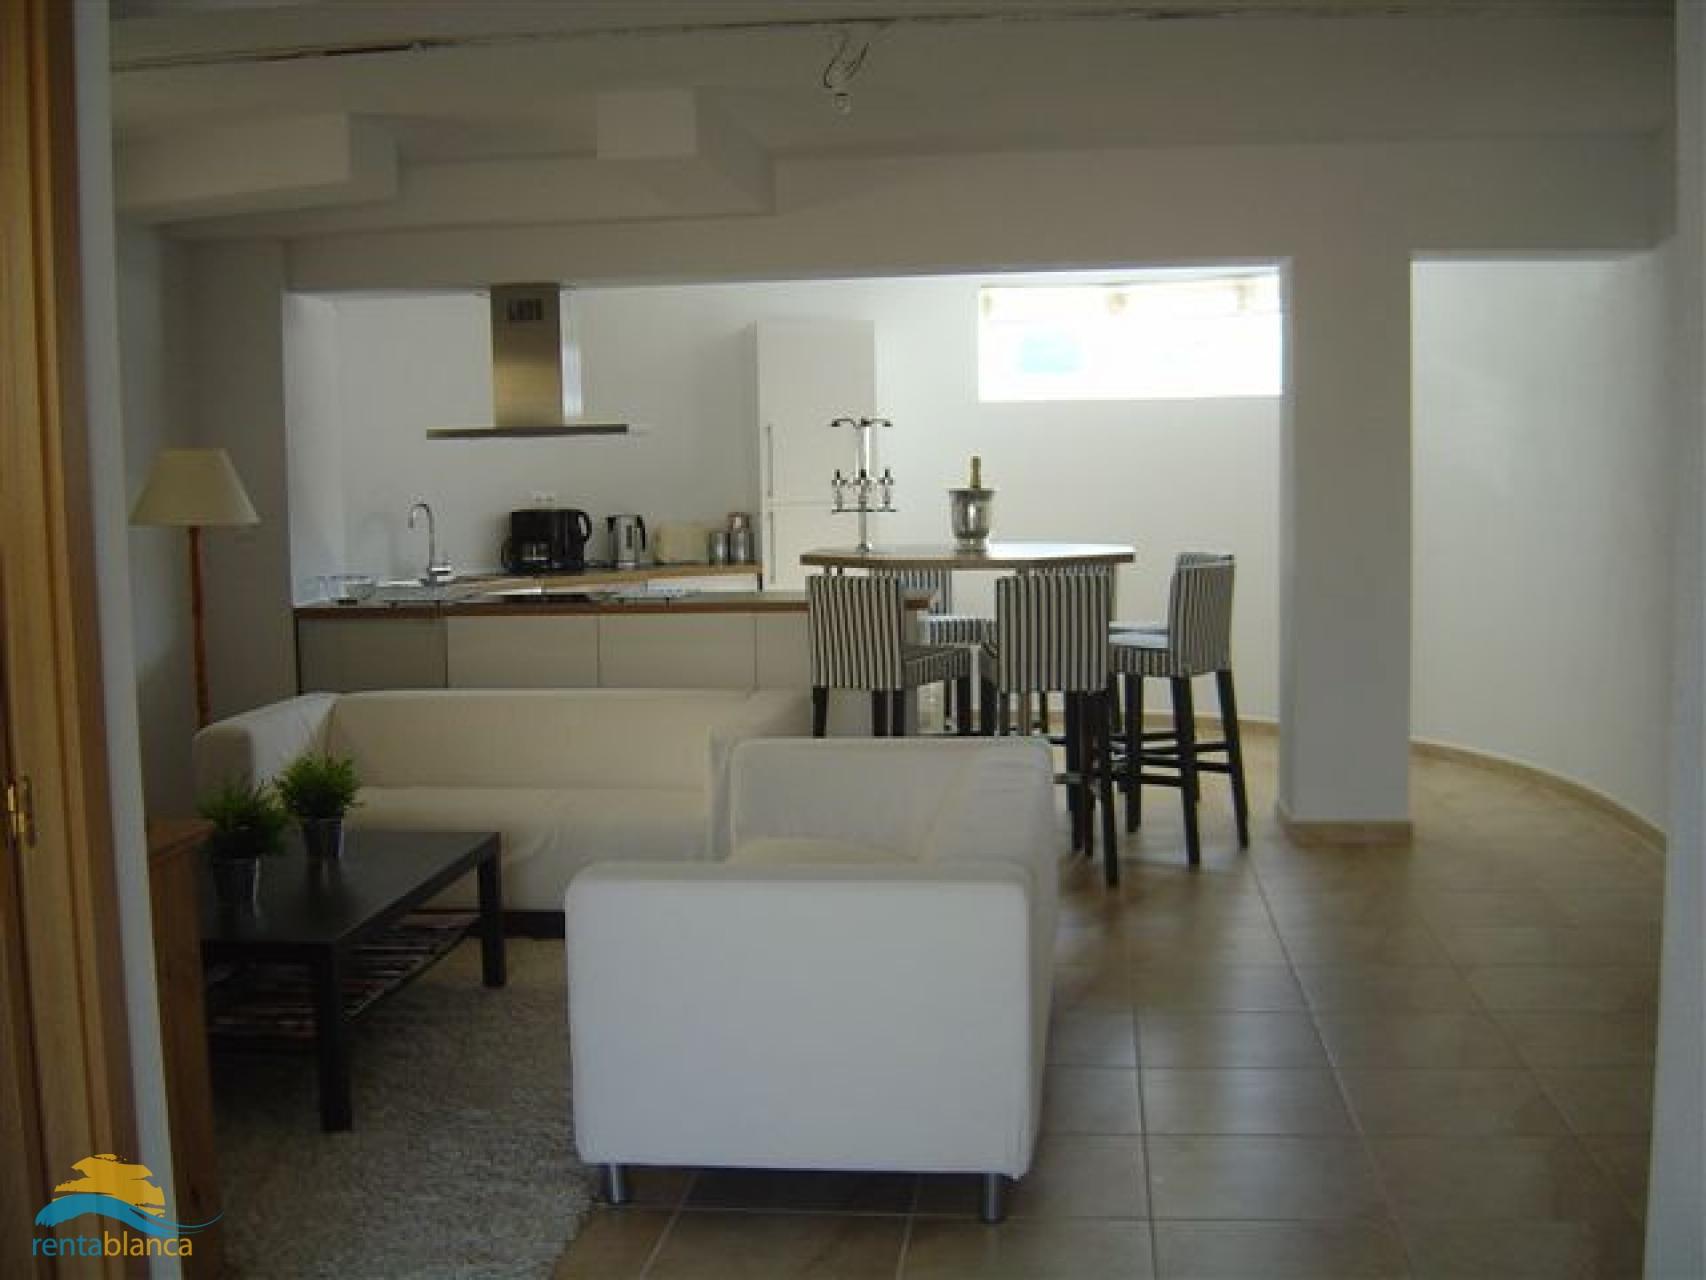 Group villa Monte y Mar - Rentablanca